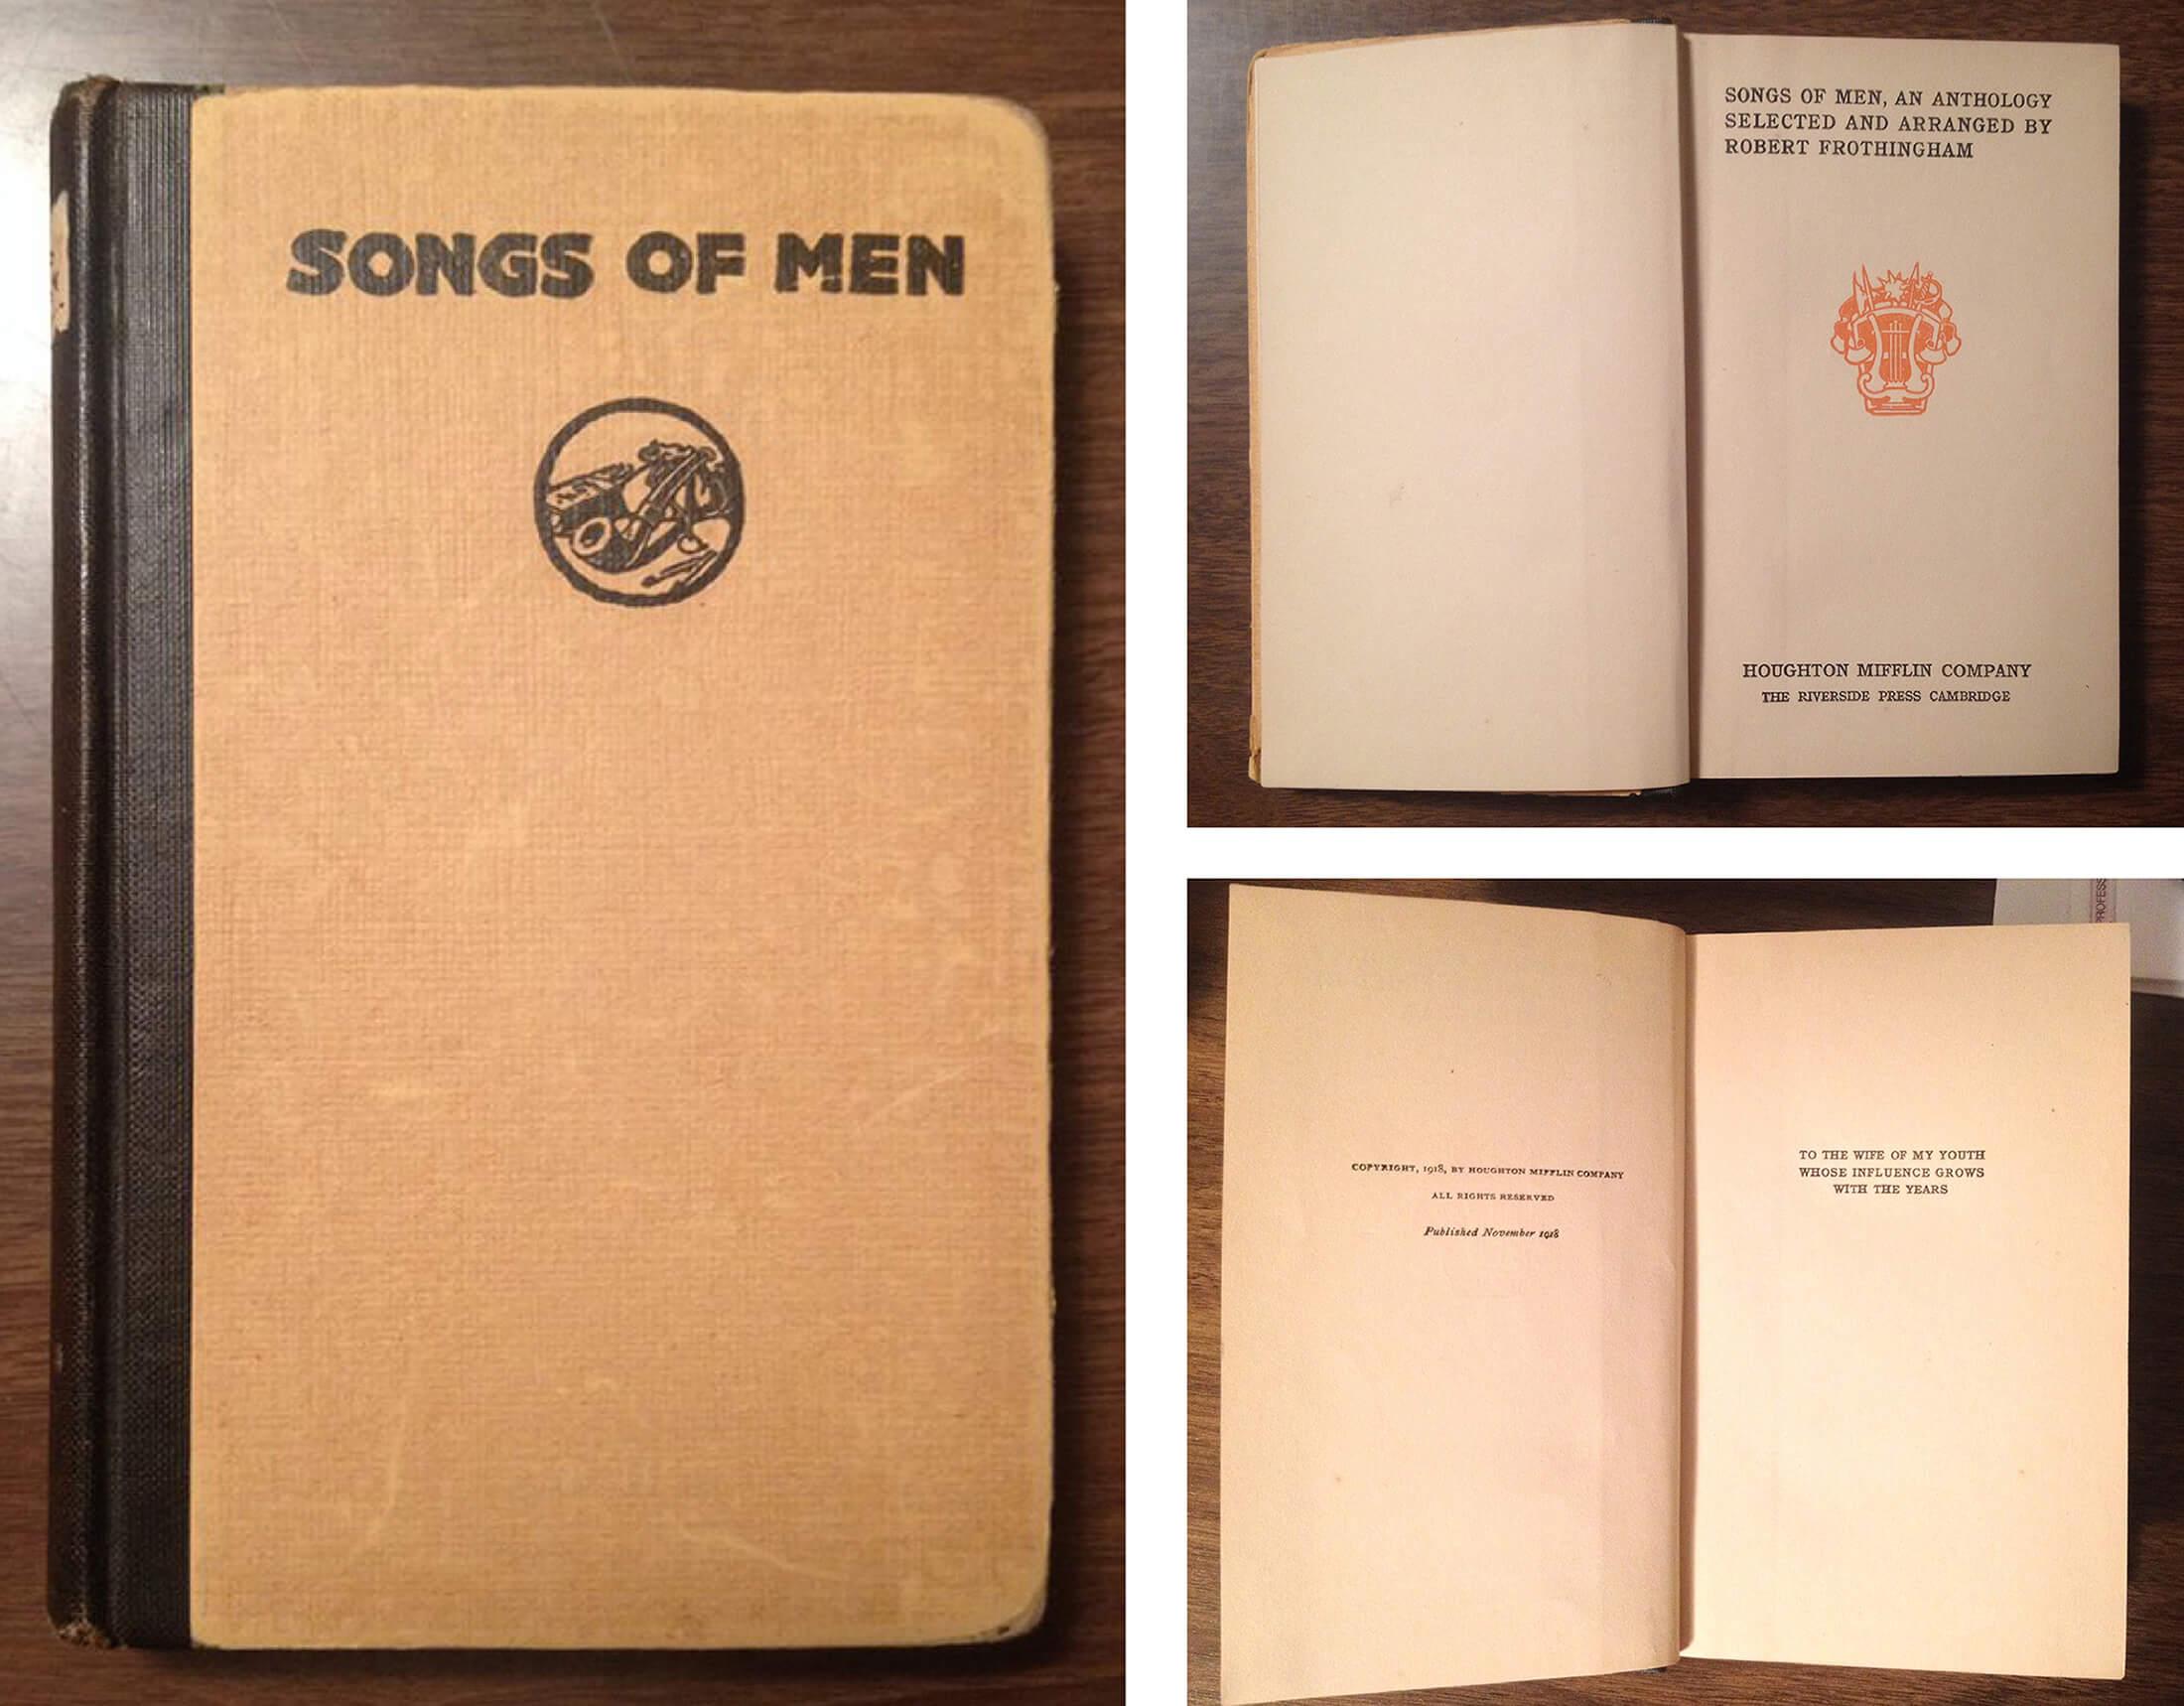 Songs of Men, Robert Frothingham, 1918-DFB